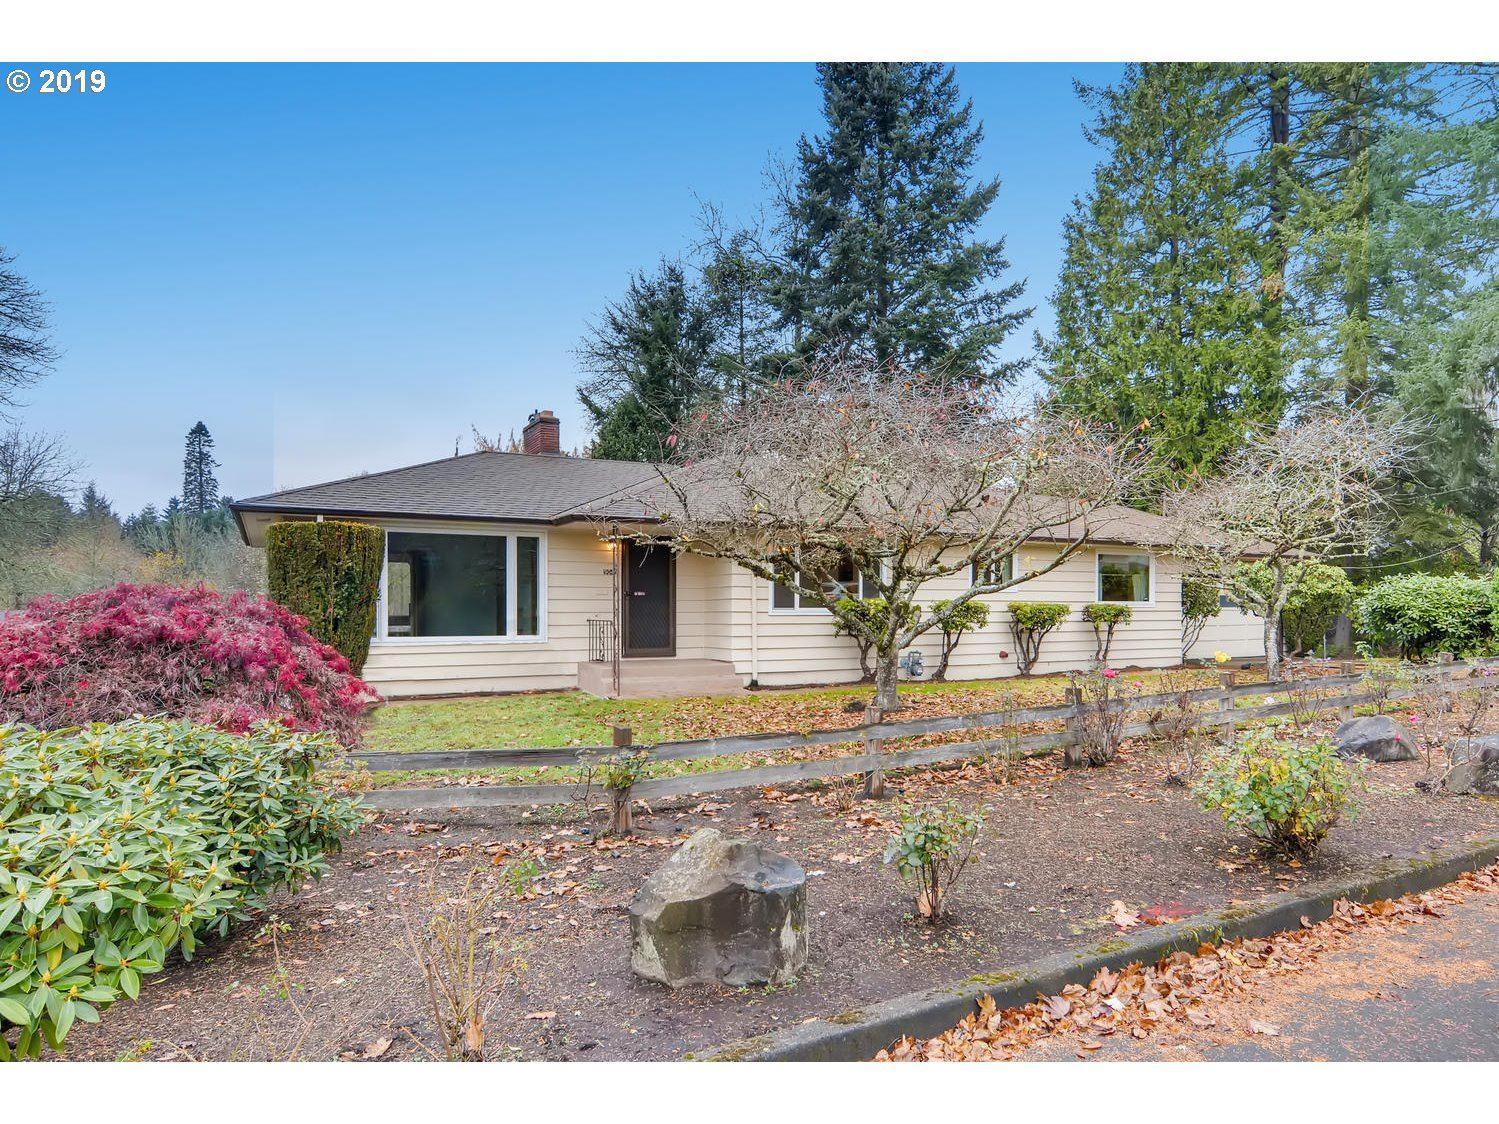 9045 SW HOWATT ST, Portland, OR 97225 - MLS#: 19359068